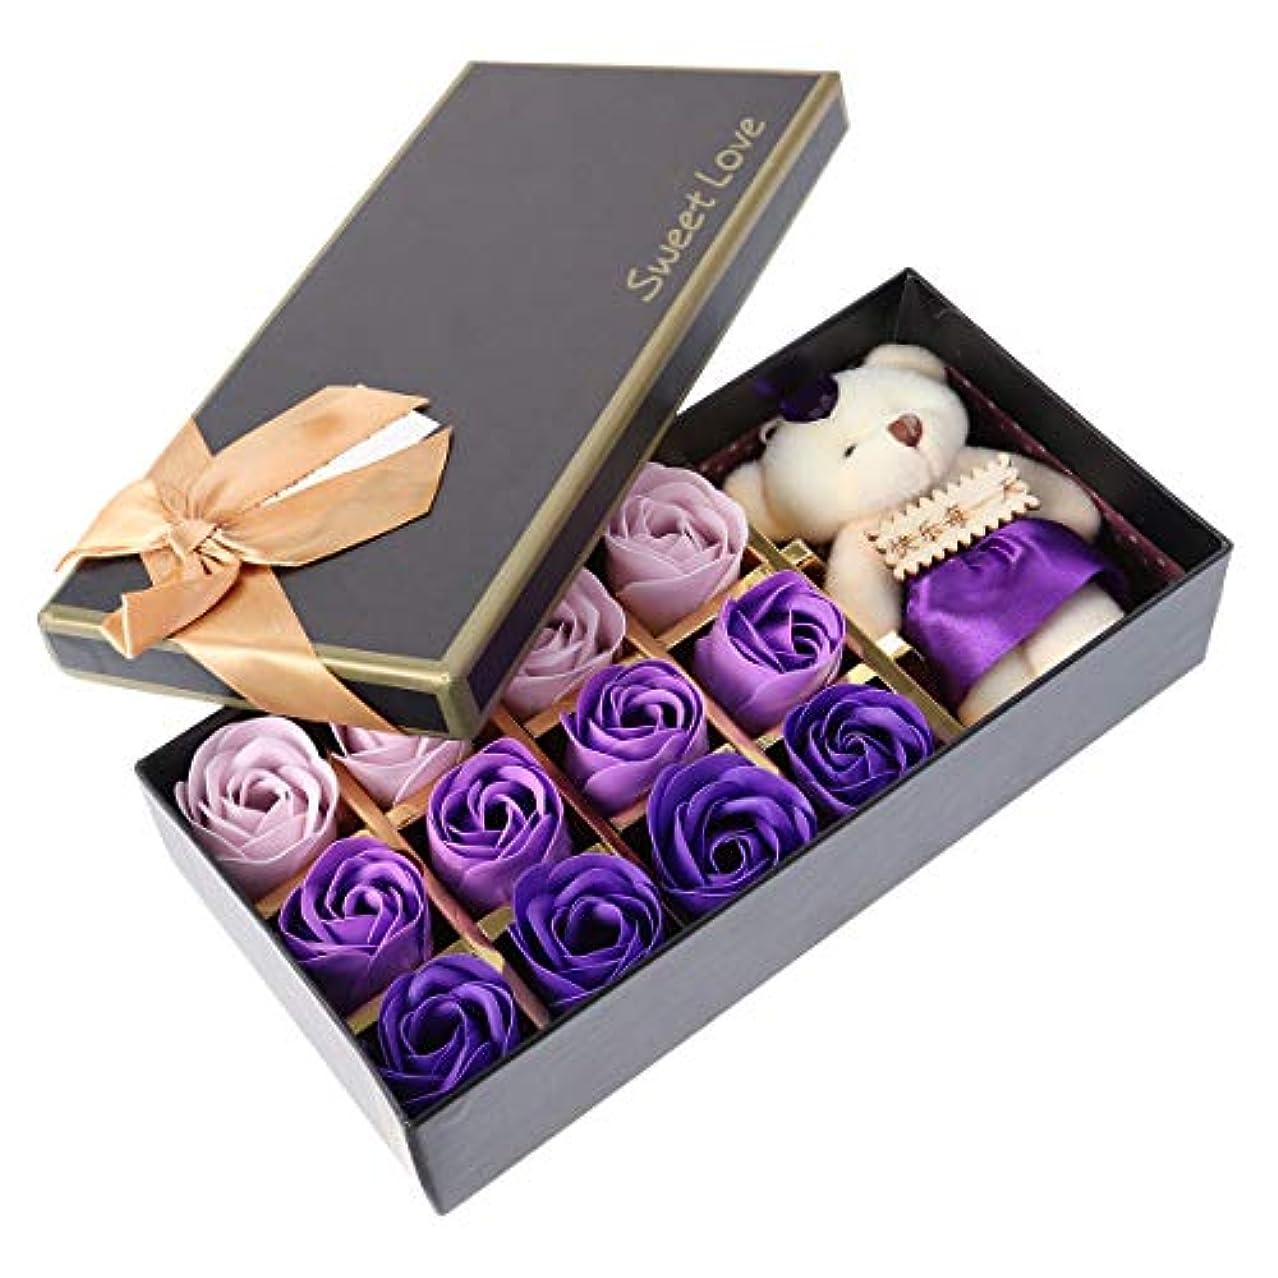 遠洋の絶望的な供給Beaupretty バレンタインデーの結婚式の誕生日プレゼントのための小さなクマとバラの石鹸の花